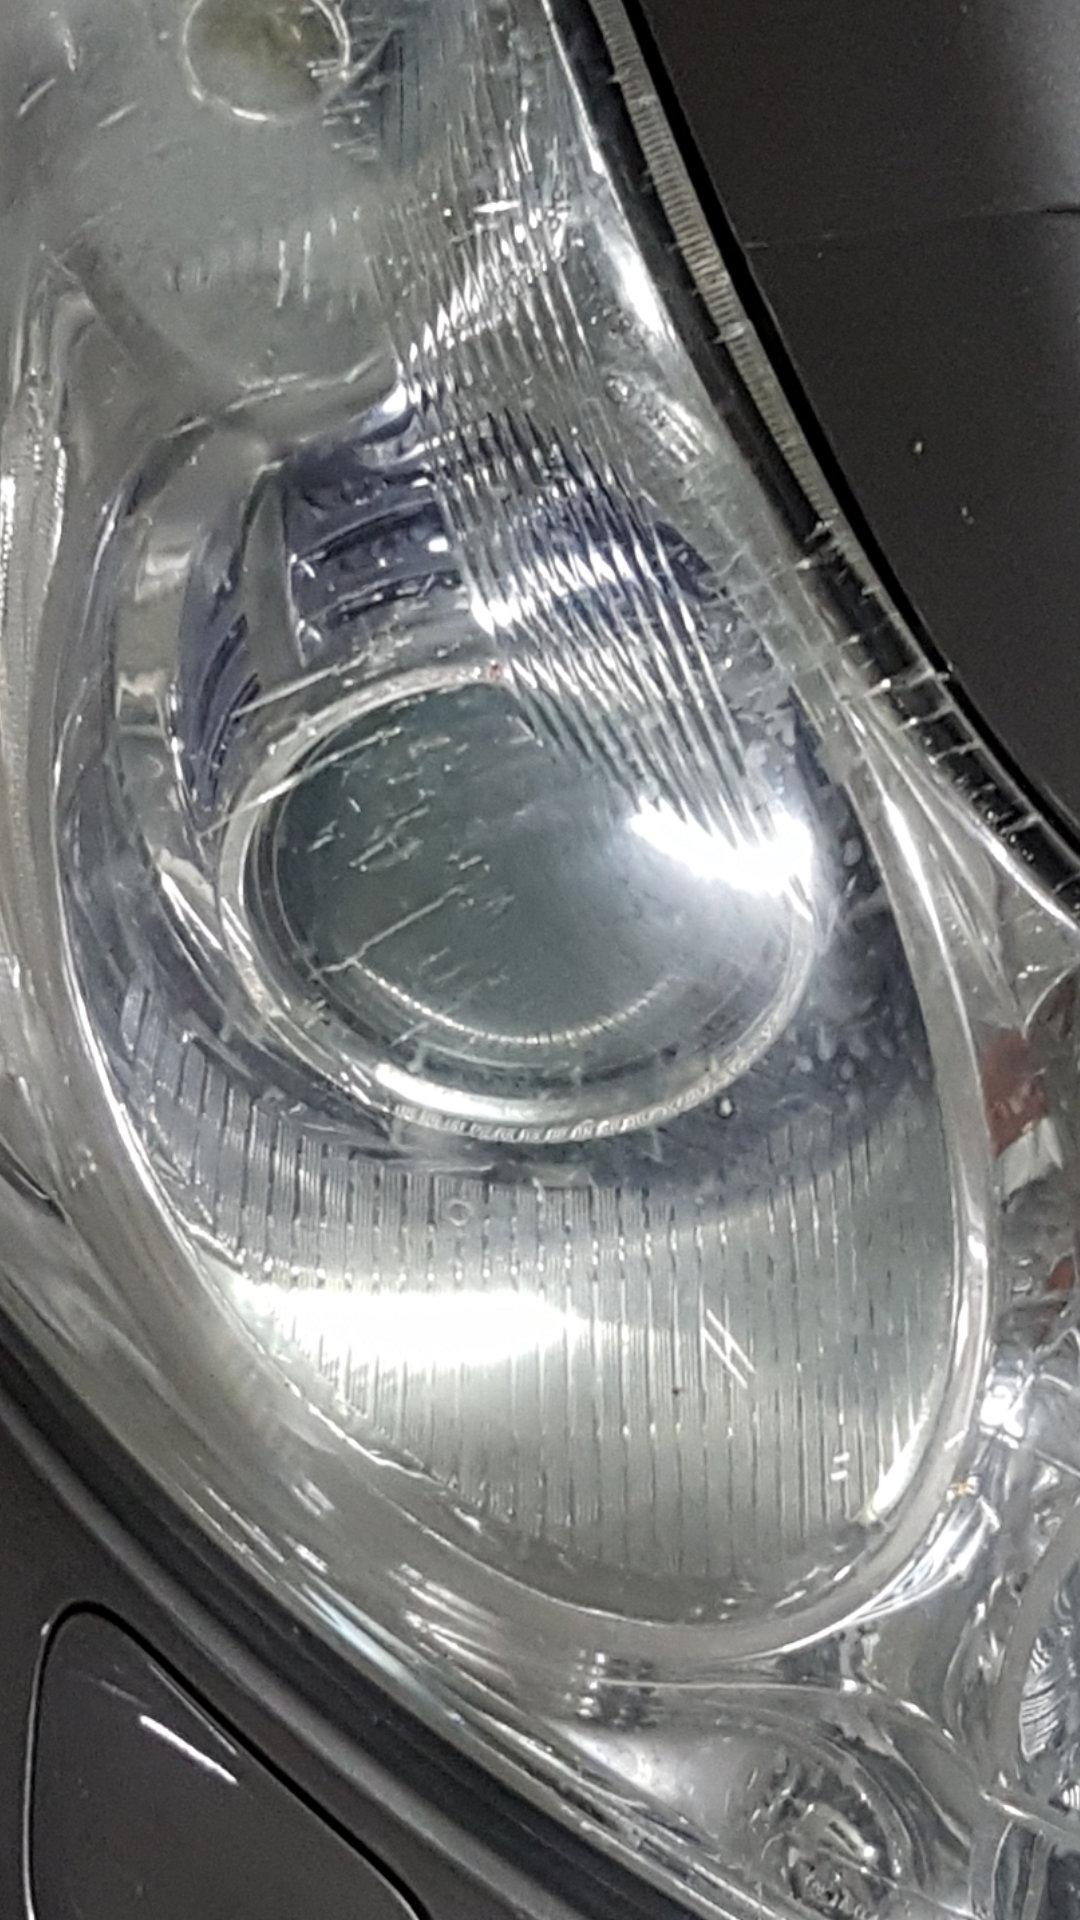 Headlight lens/film cracks - MyG37